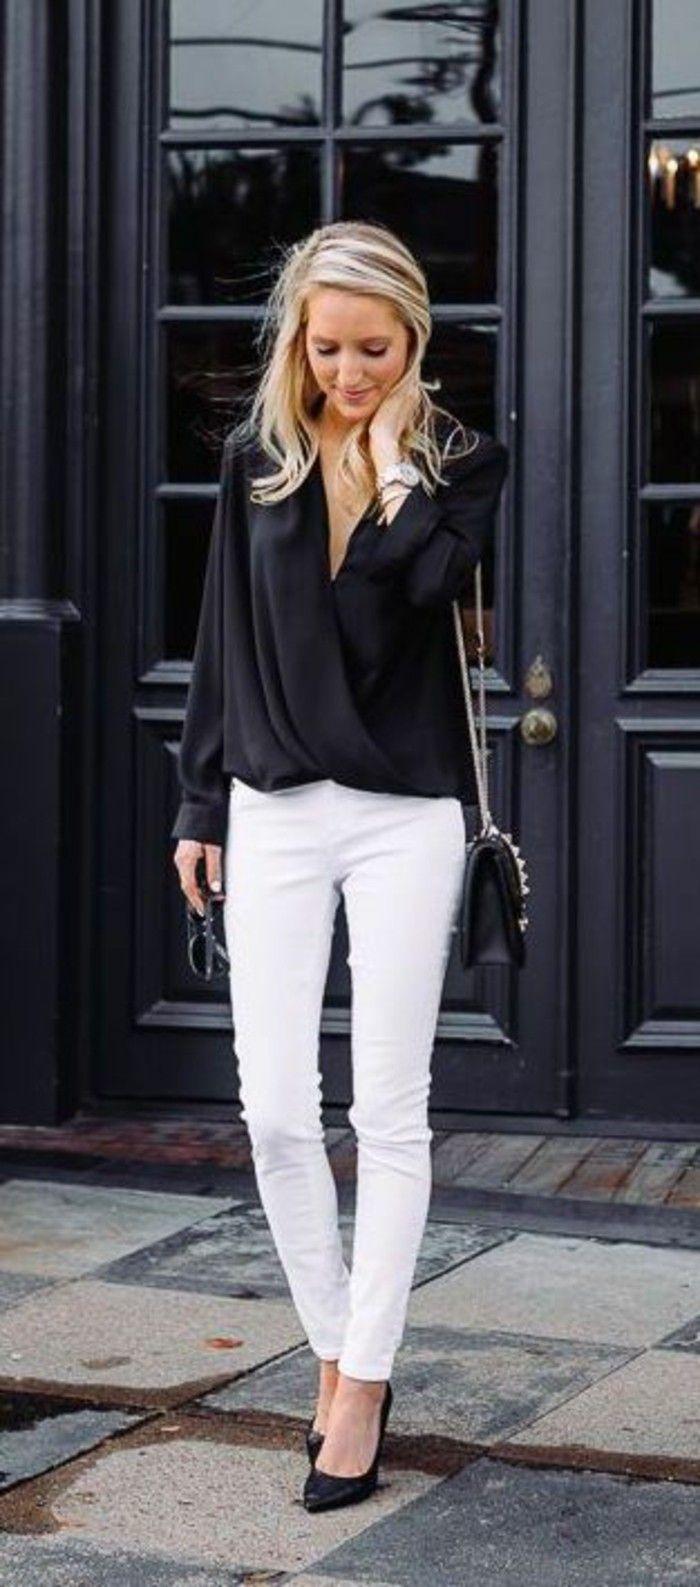 die richtigen business kleider machen karriere business kleider schwarze bluse und schwarz. Black Bedroom Furniture Sets. Home Design Ideas